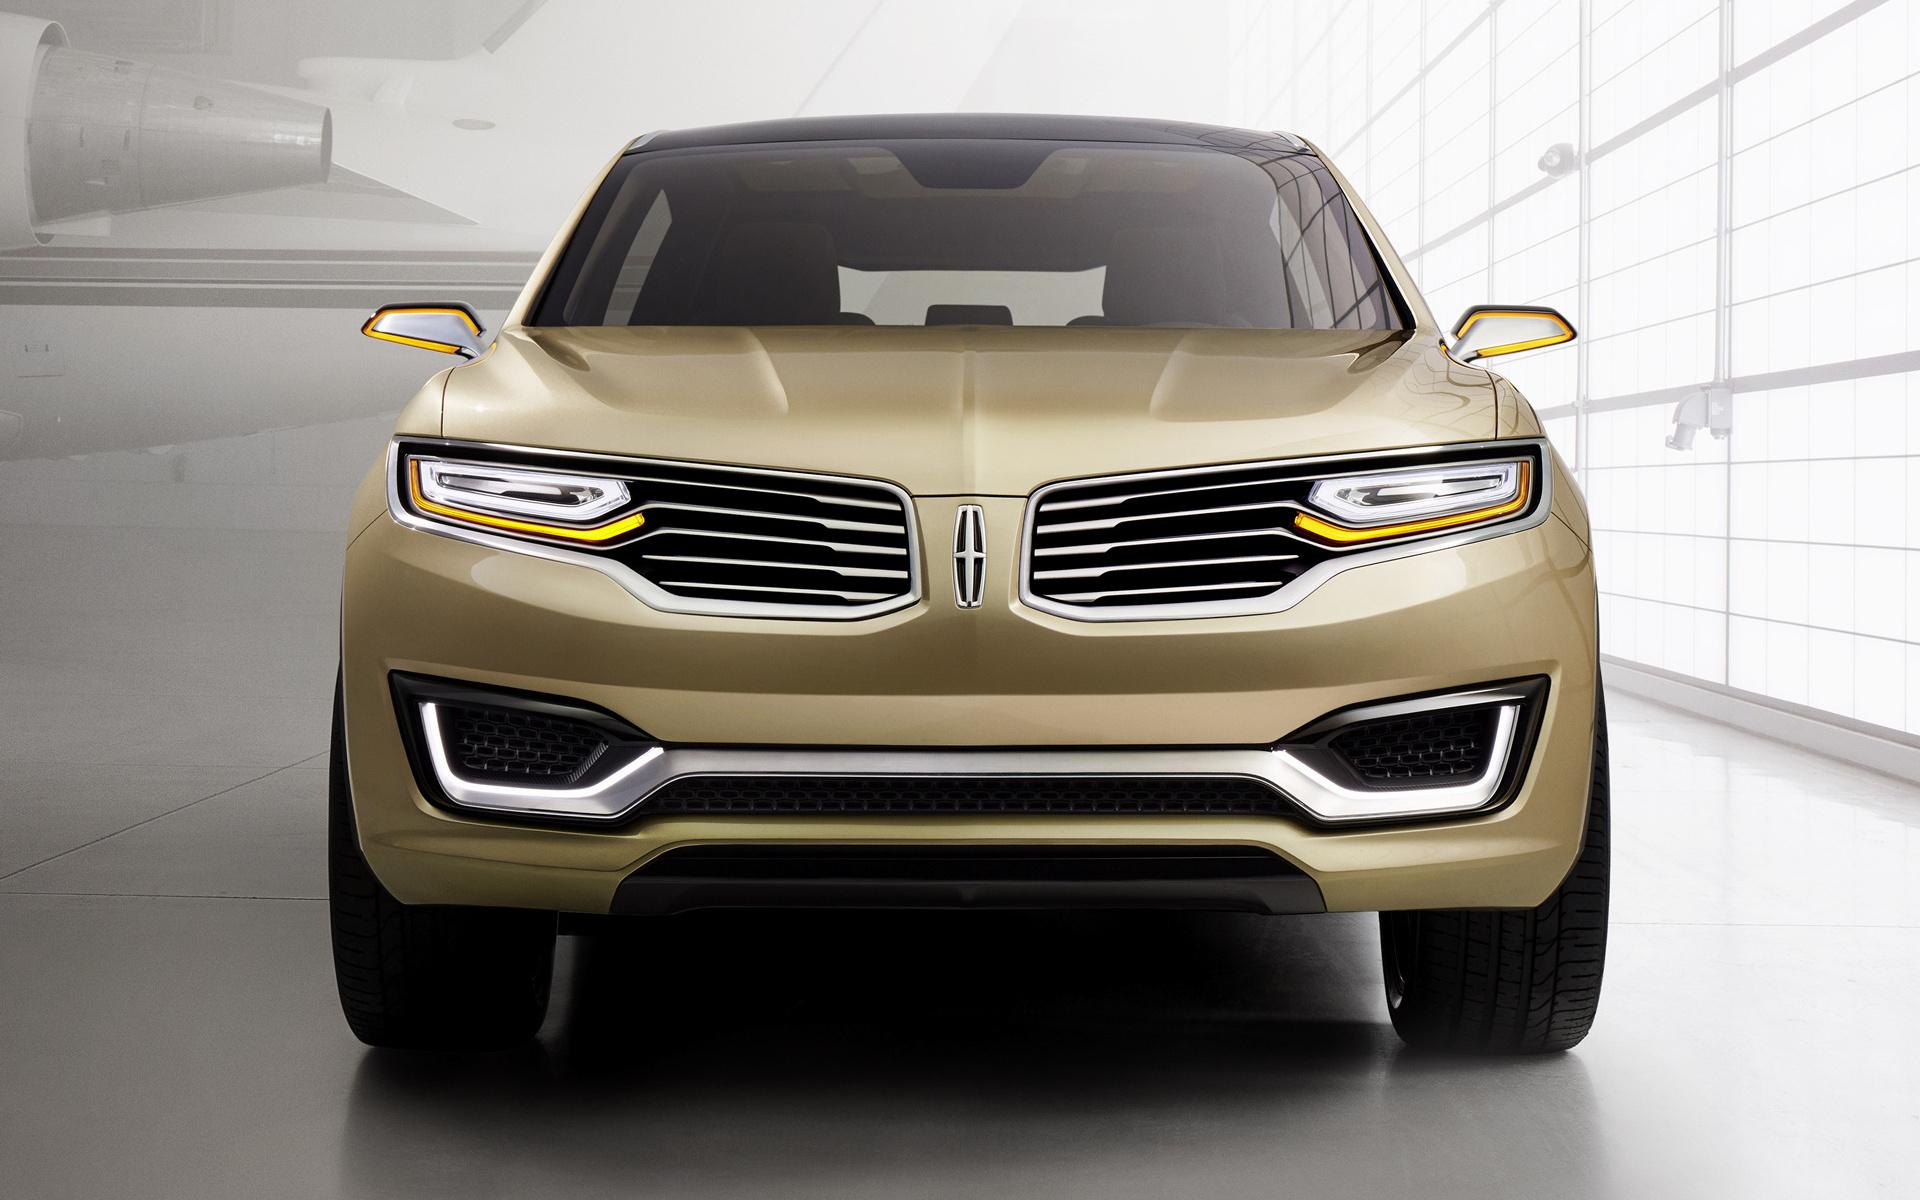 https://www.carpixel.net/w/ea6aada4fce2ce579377bf0d82496493/lincoln-mkx-concept-car-wallpaper-12536.jpg